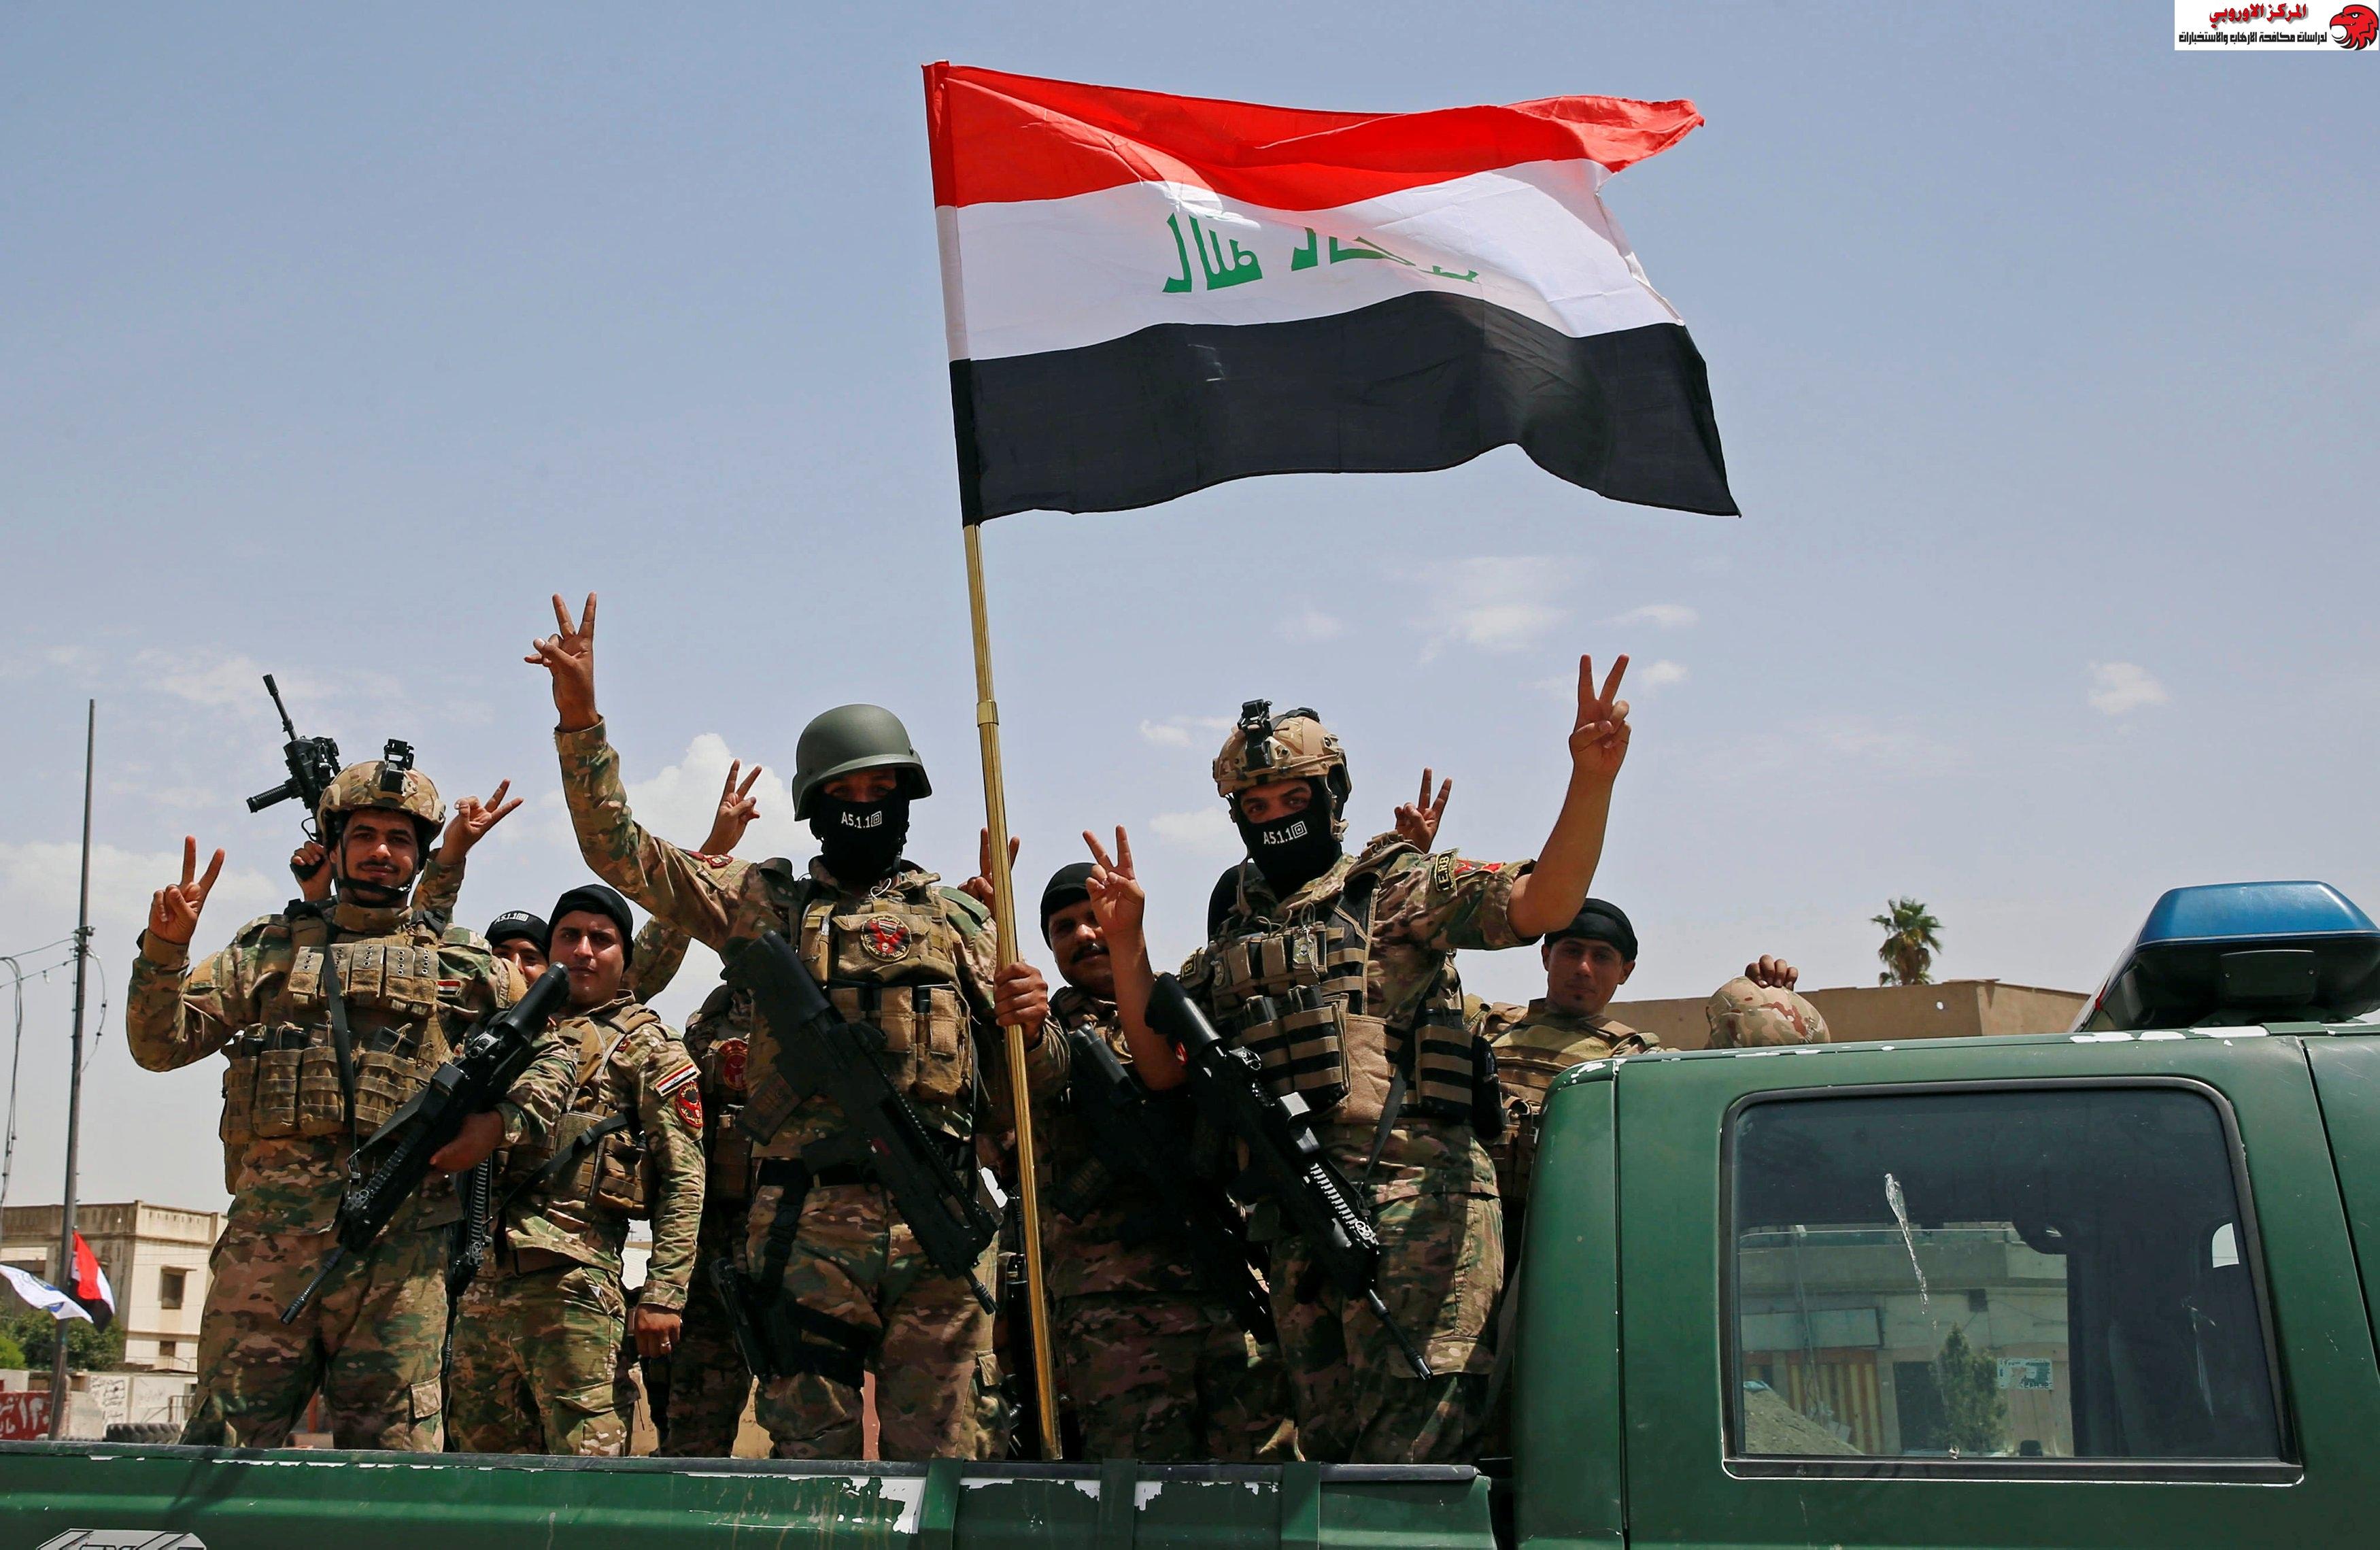 خريطة حواضن التطرف والإرهاب… العراق . بقلم بسمه فايد